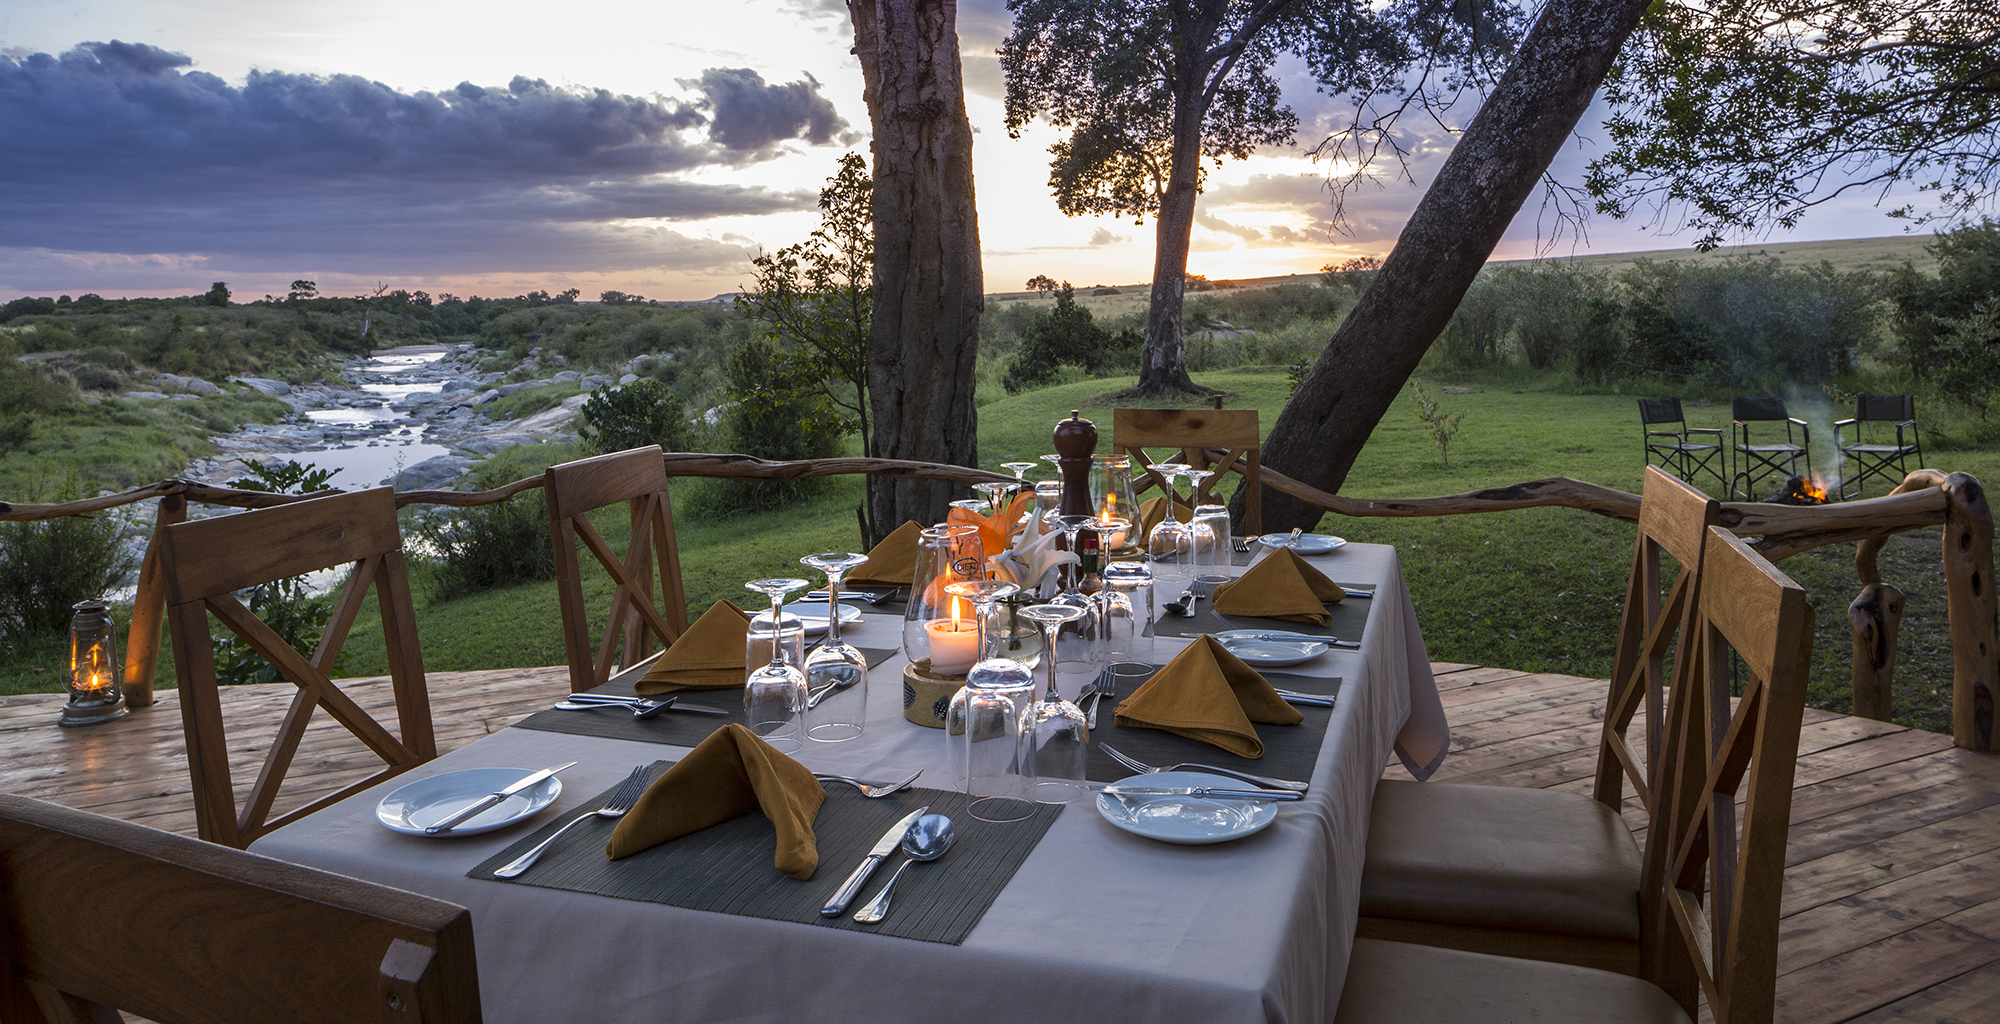 Kenya-Rekero-Tent-Camp-Dining